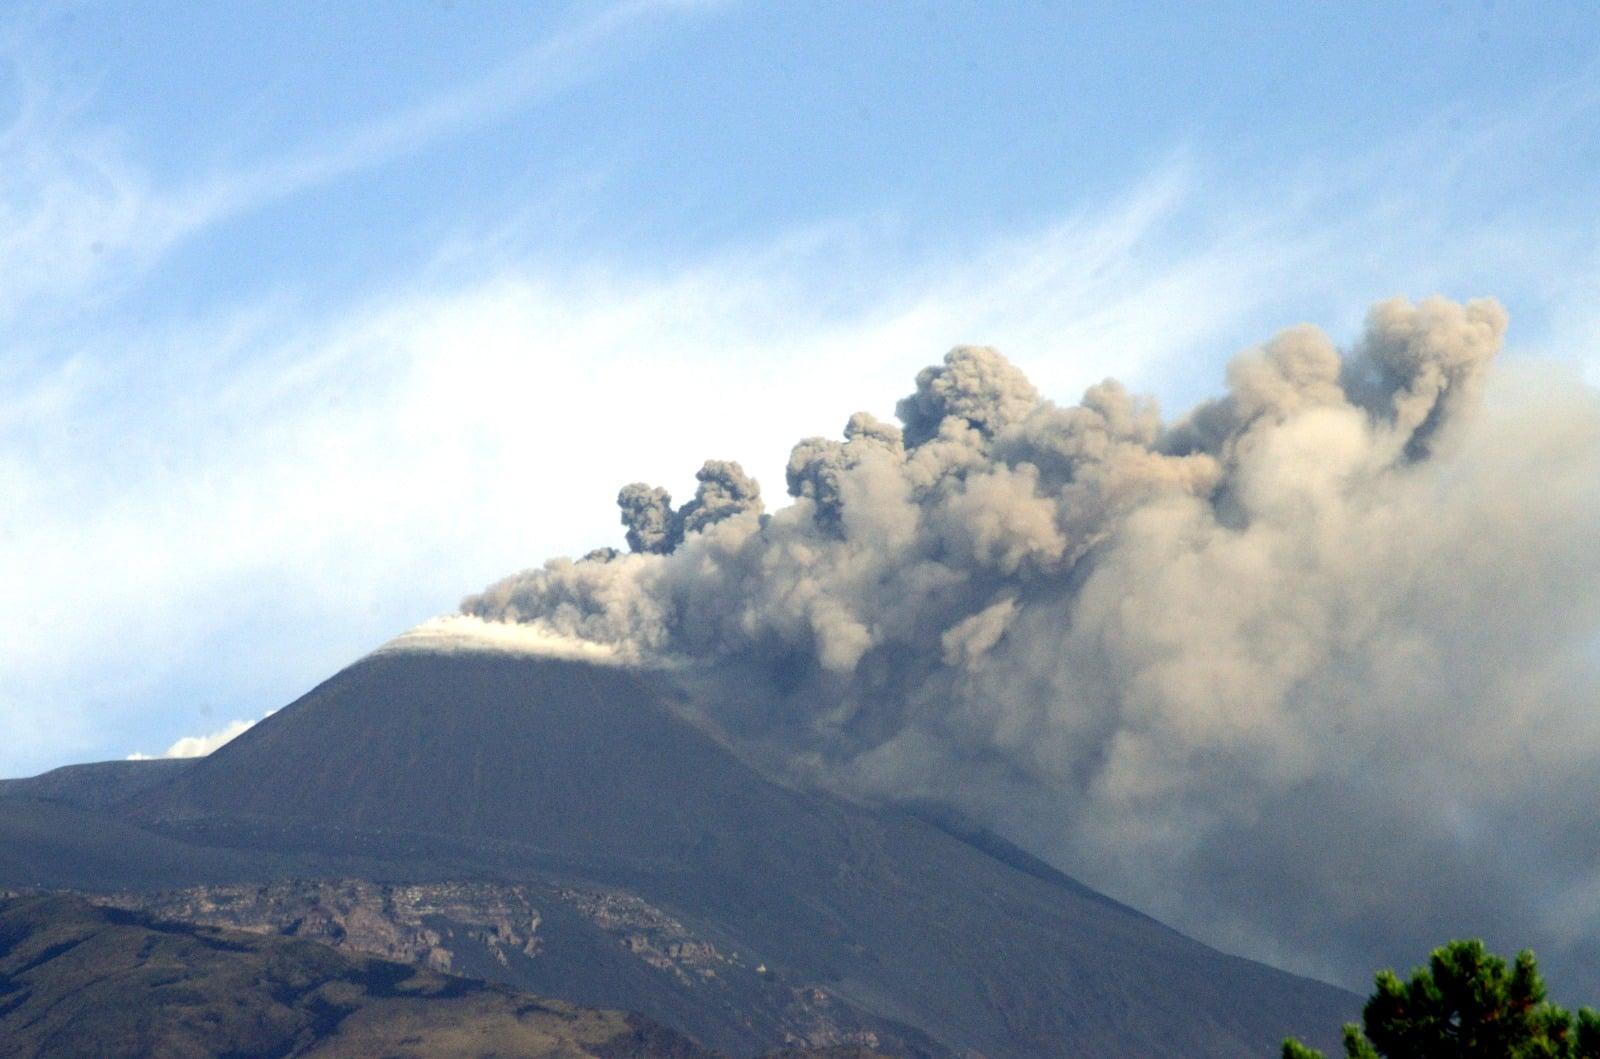 Etna in eruzione, emissione di cenere in corso: il bollettino dell'INGV